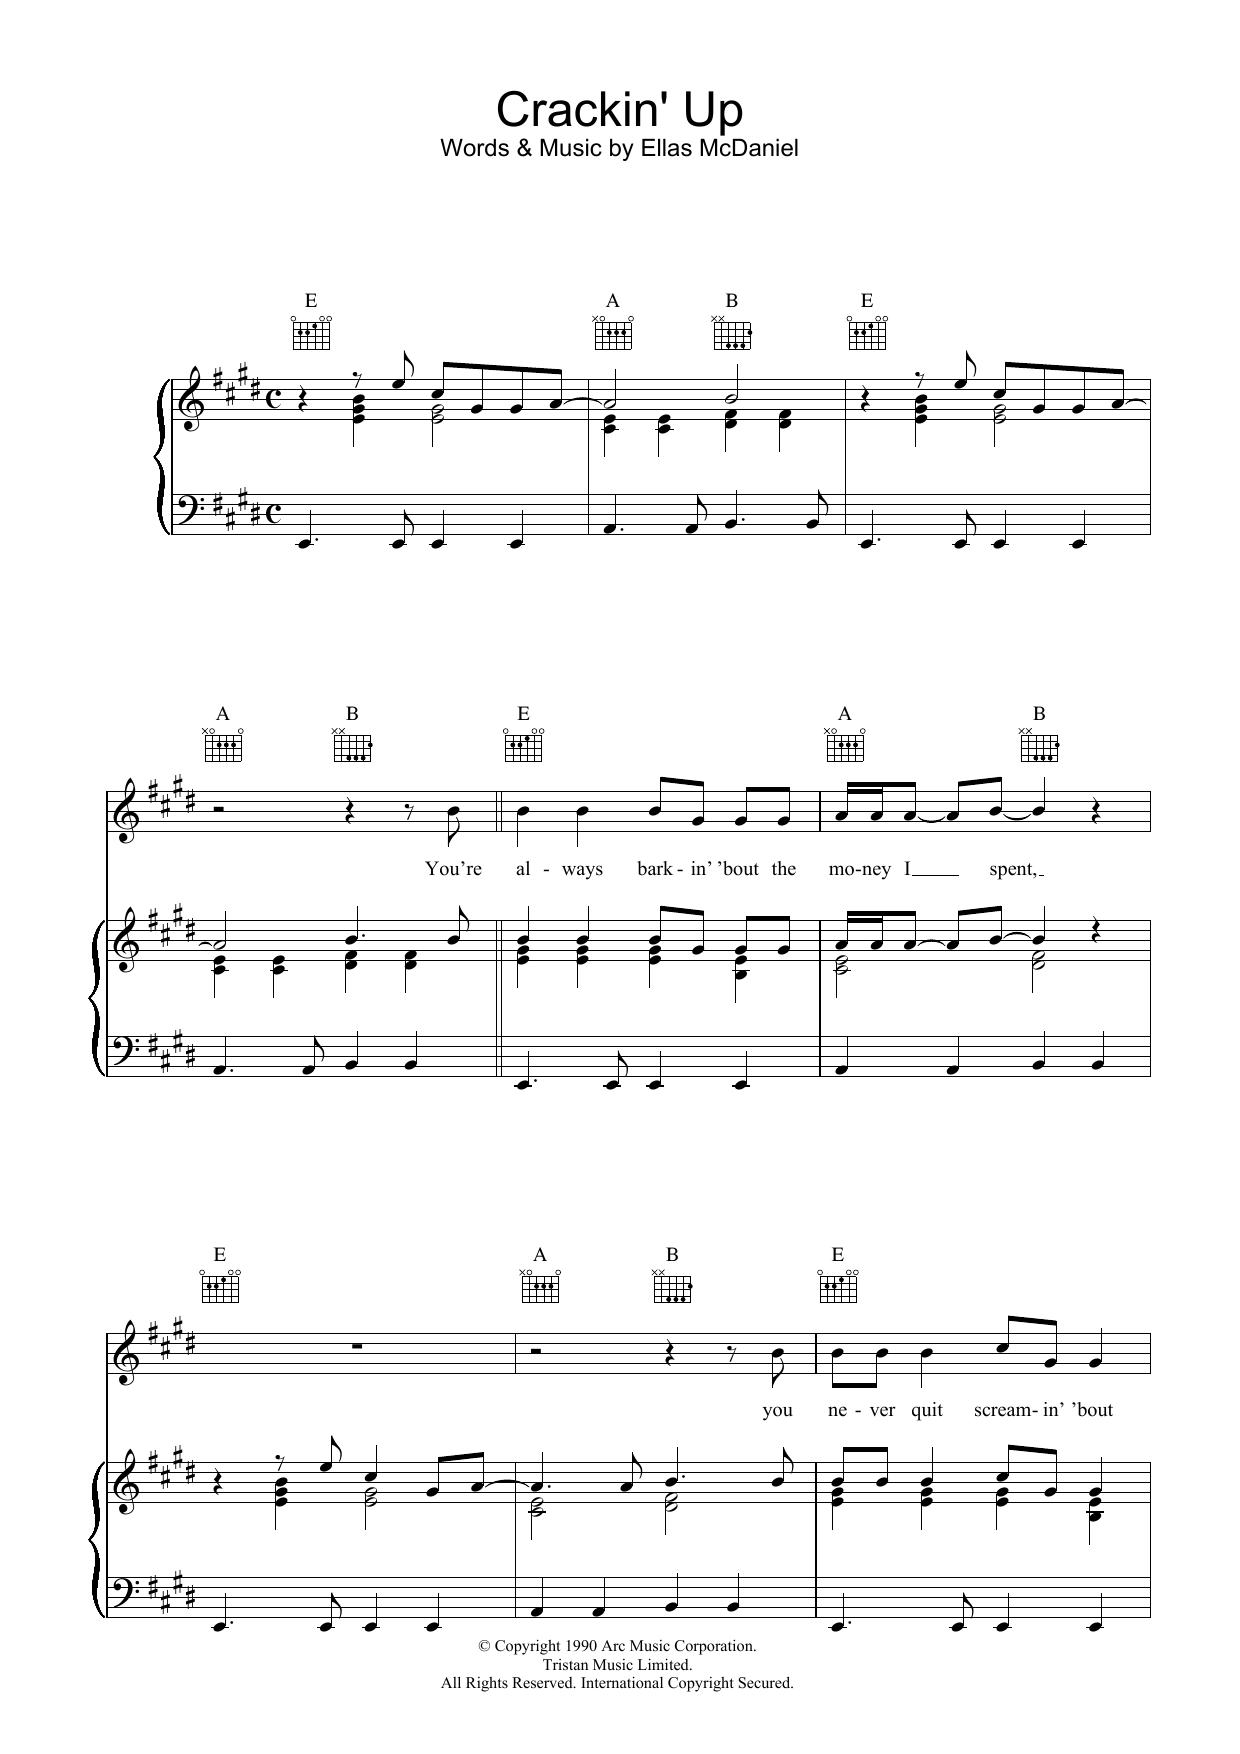 Crackin' Up sheet music